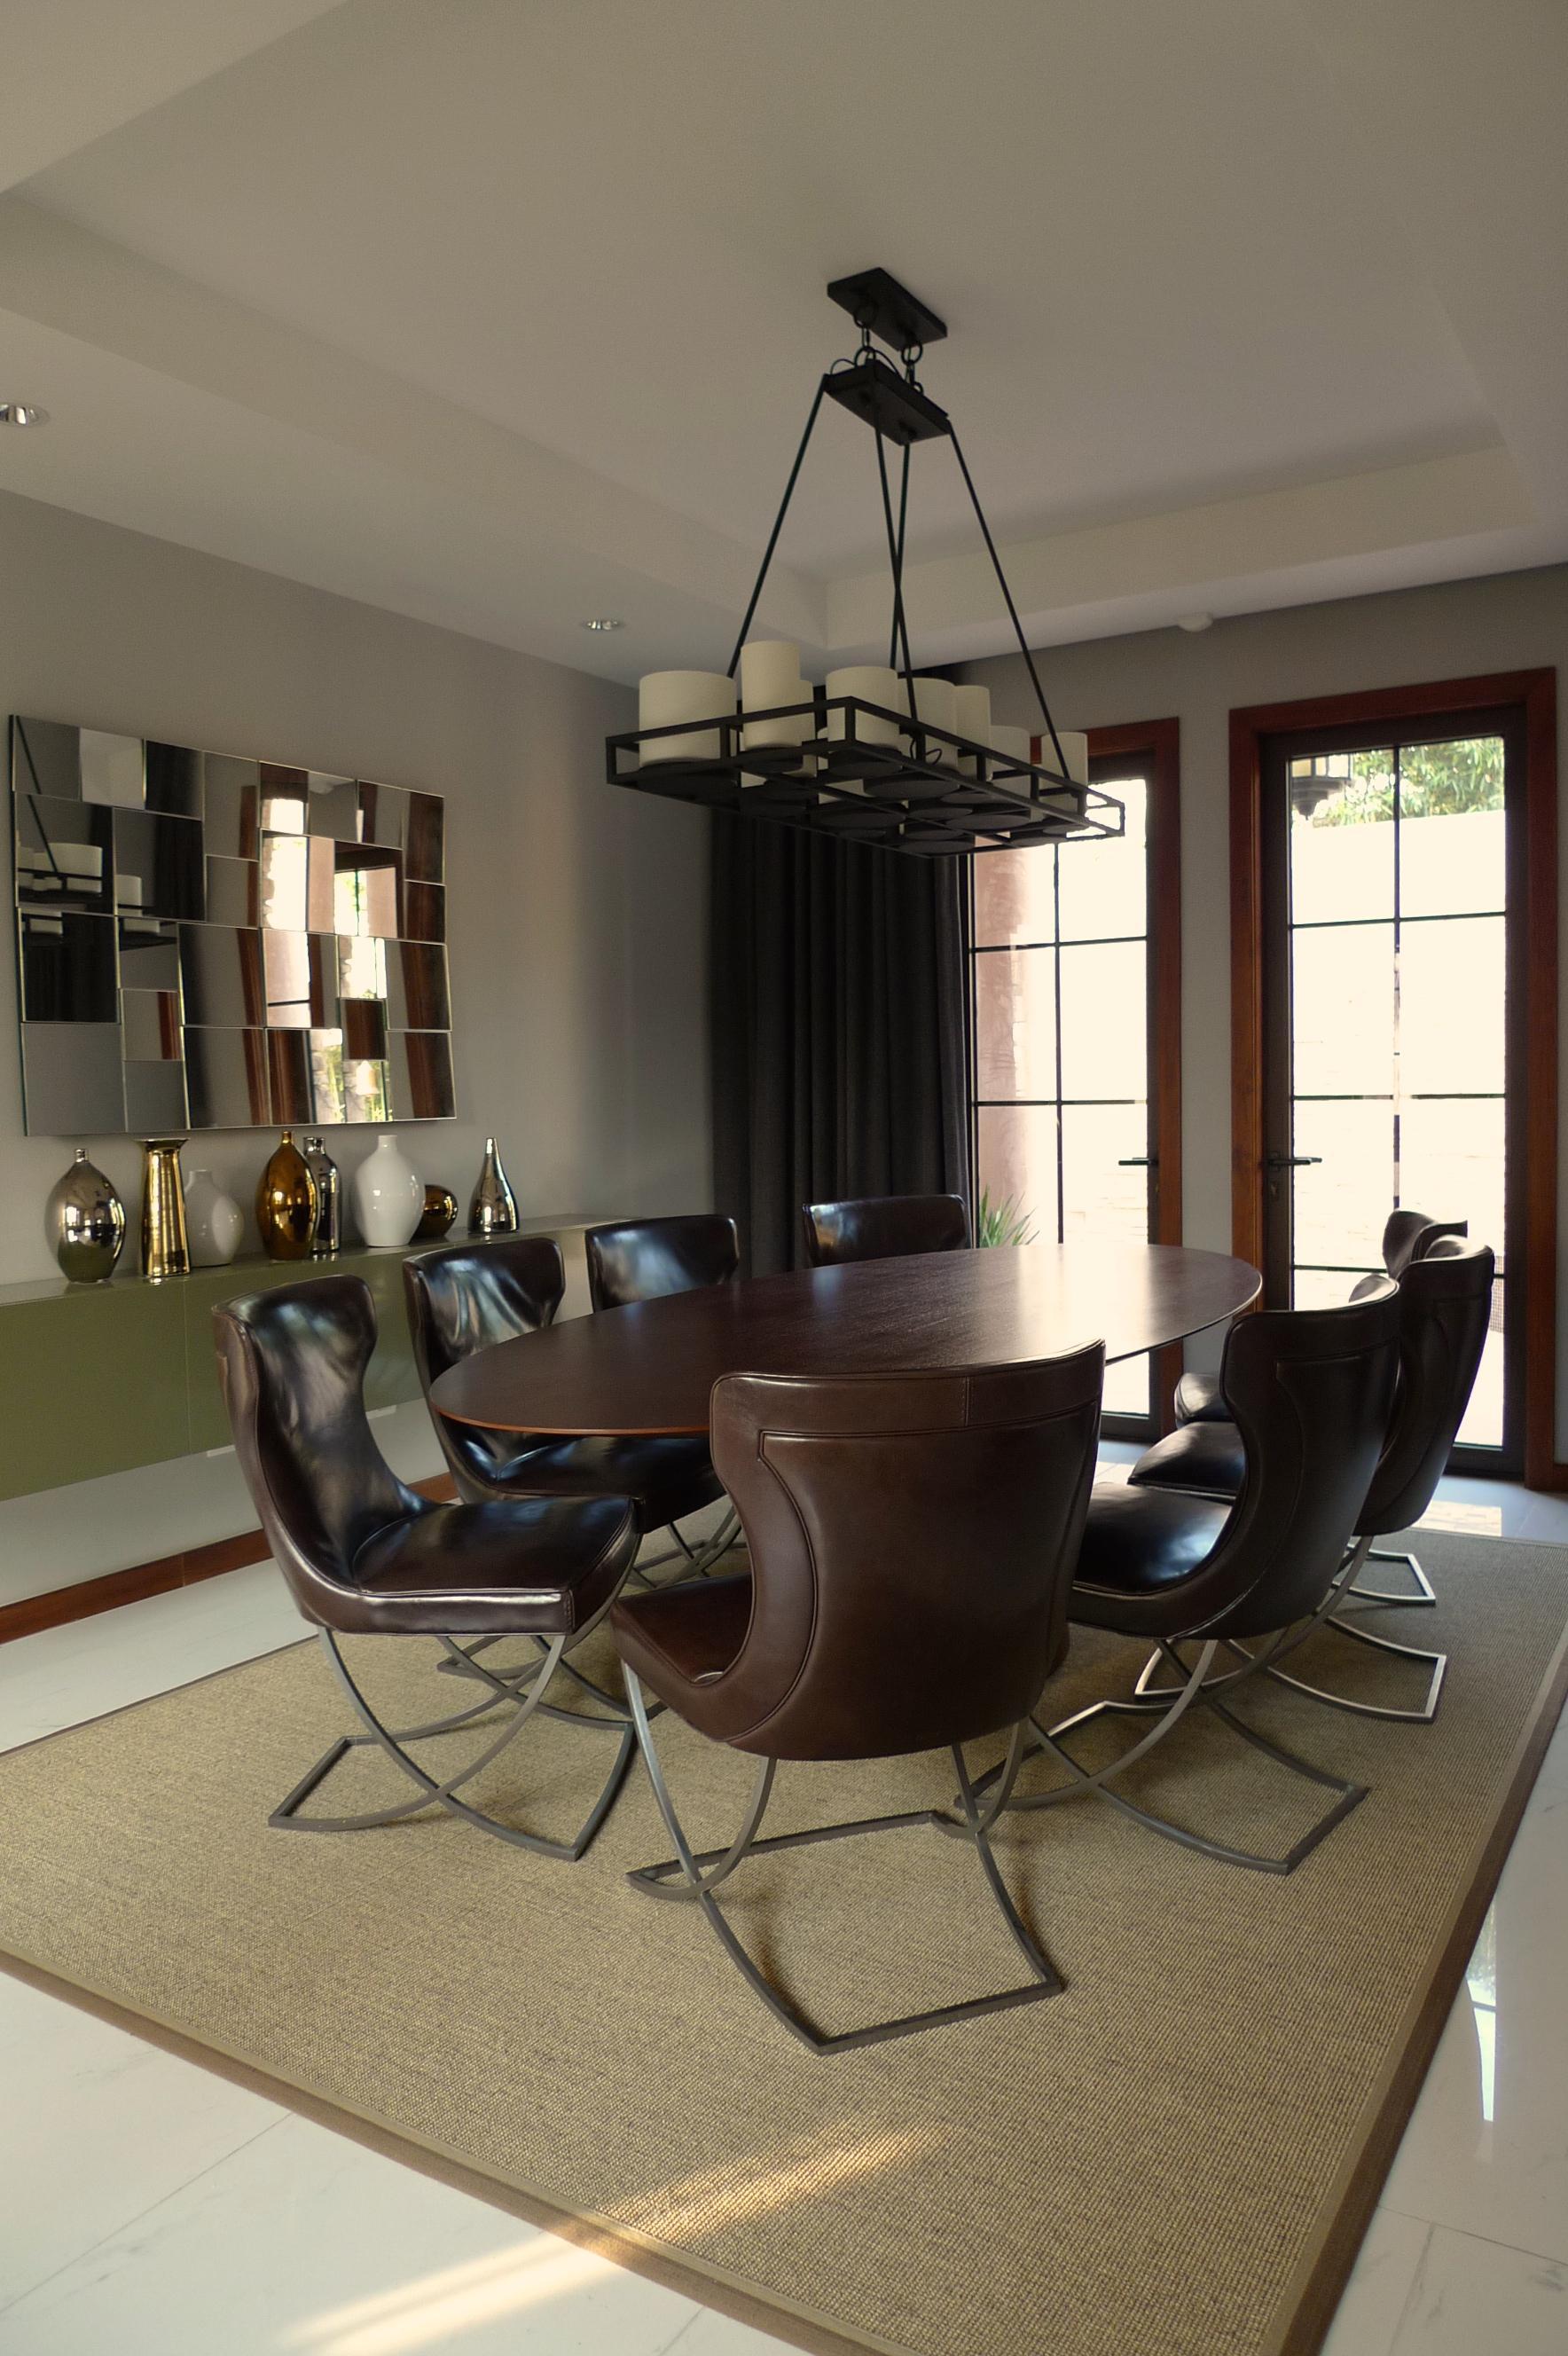 Treppengel nder bilder ideen couchstyle for Esszimmer spiegel